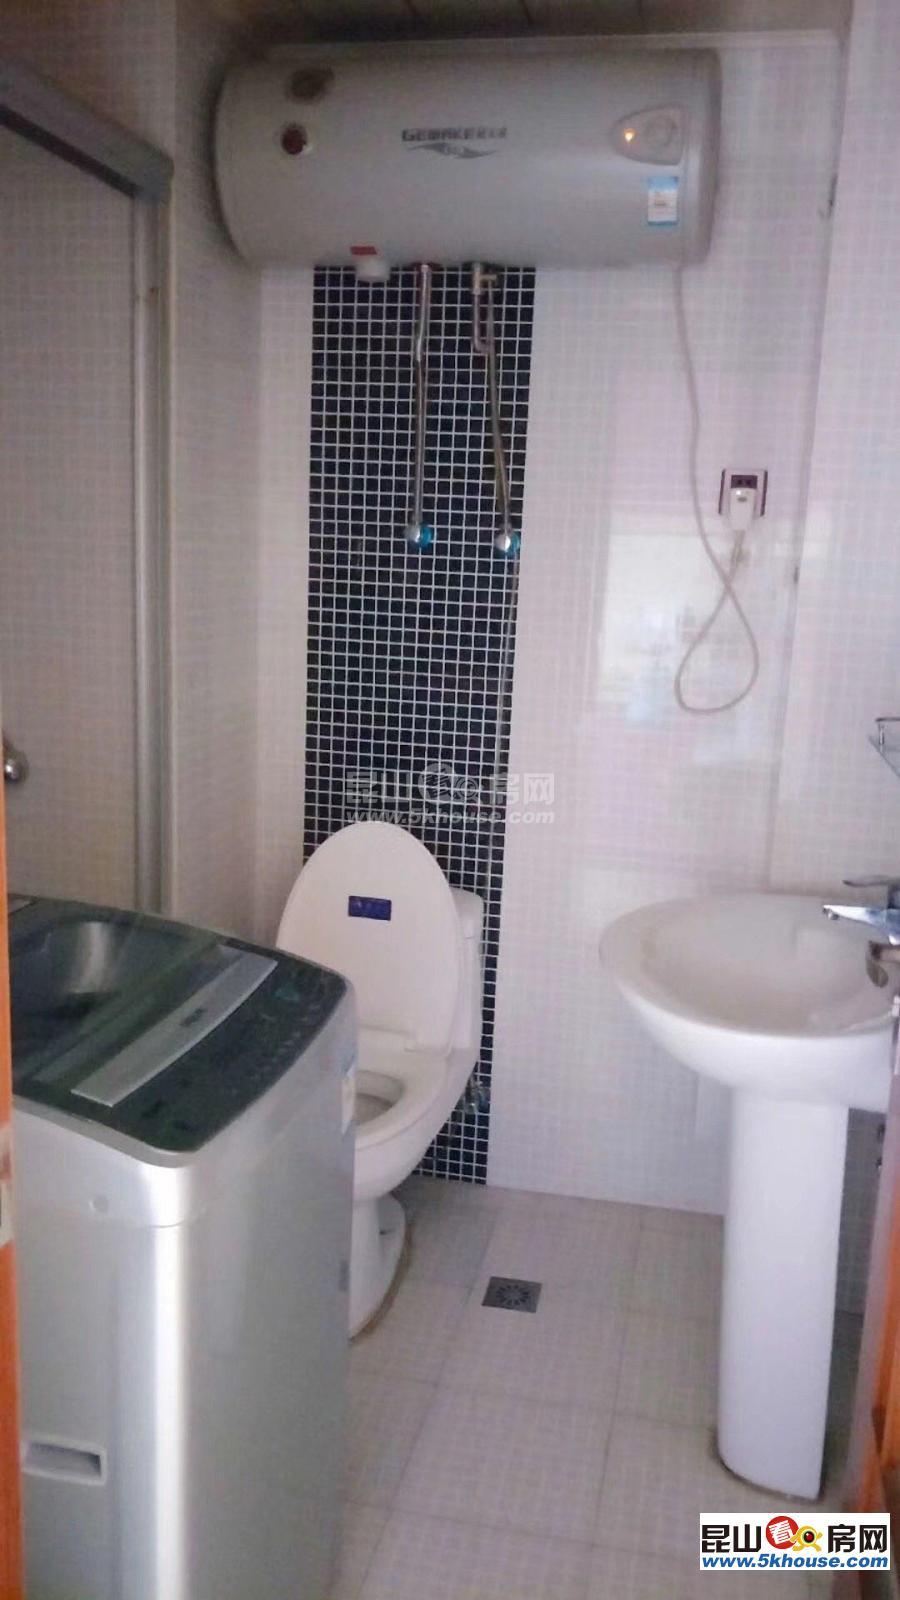 优秀酒店 精装修公寓 满五唯一 品牌家电家具 城北中小学